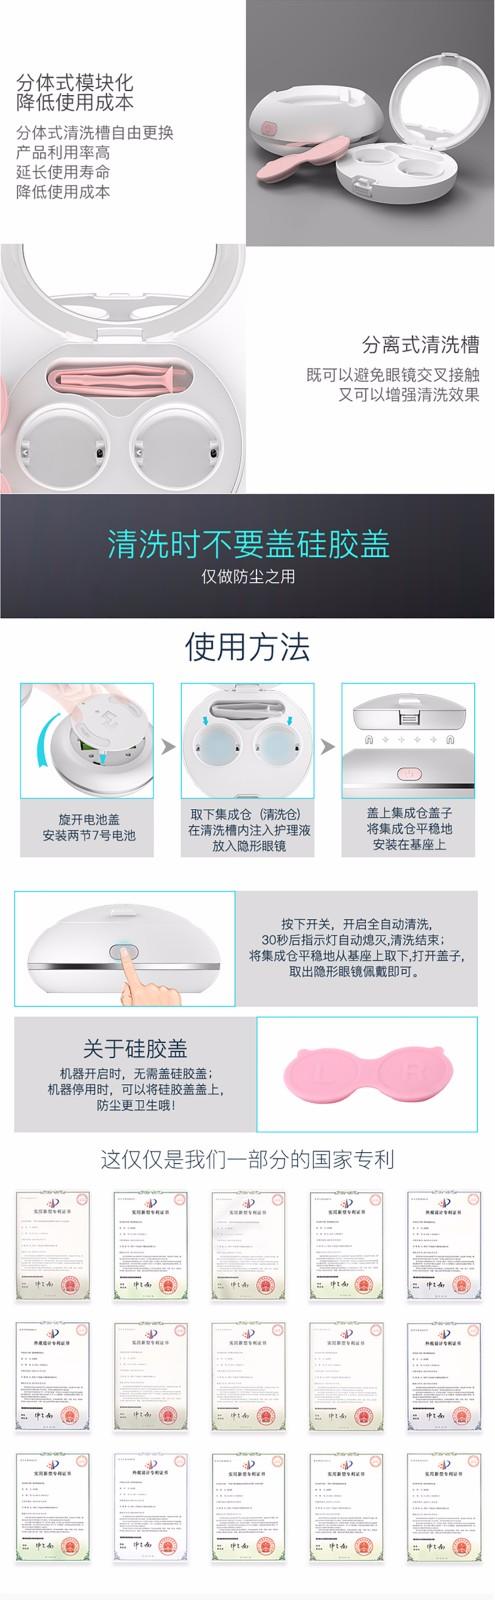 3N清洗器介绍